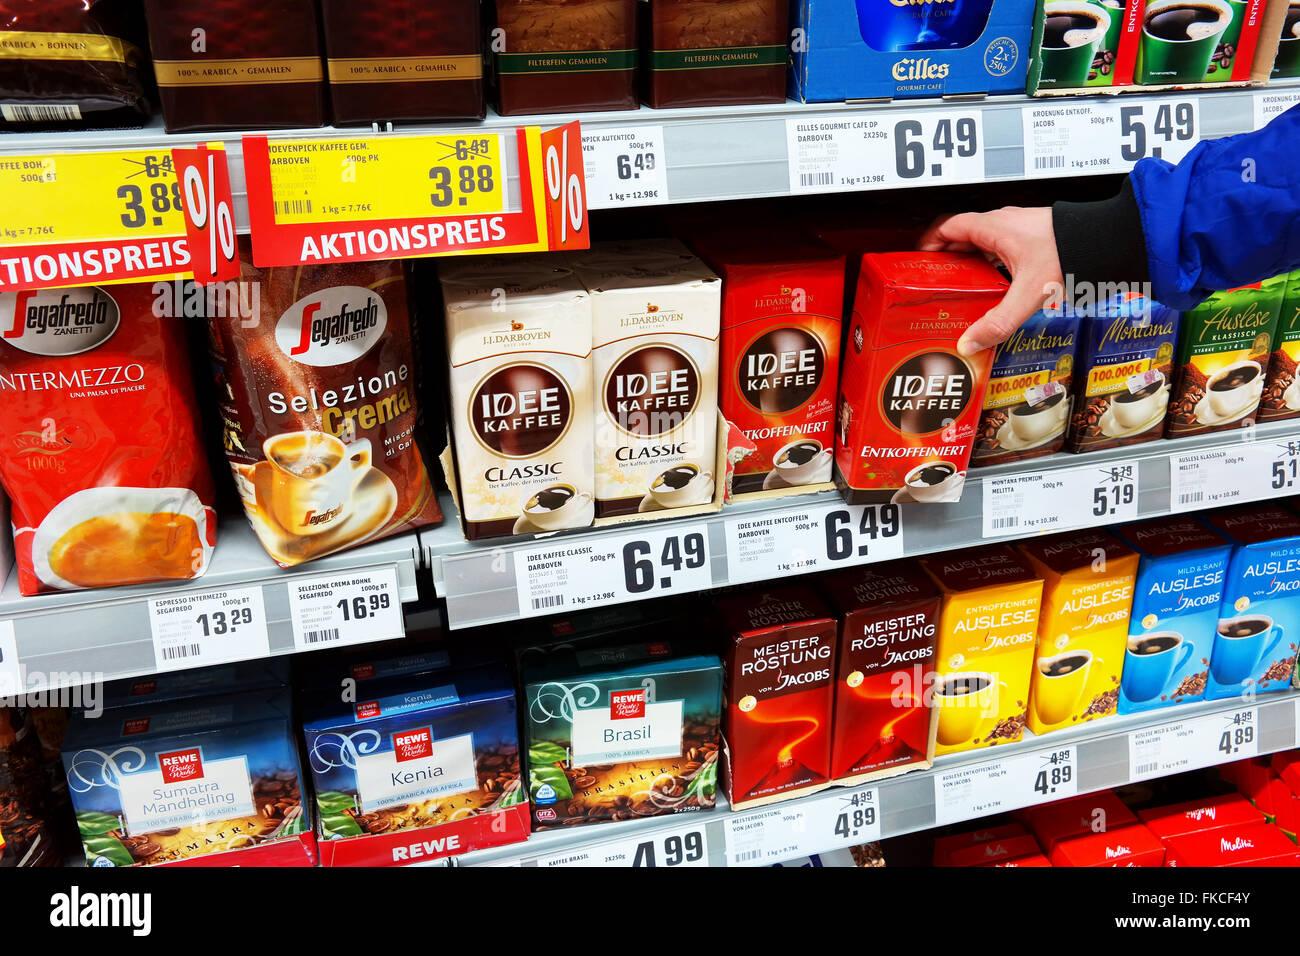 Auswahl von Kaffee in einem Supermarkt Stockbild